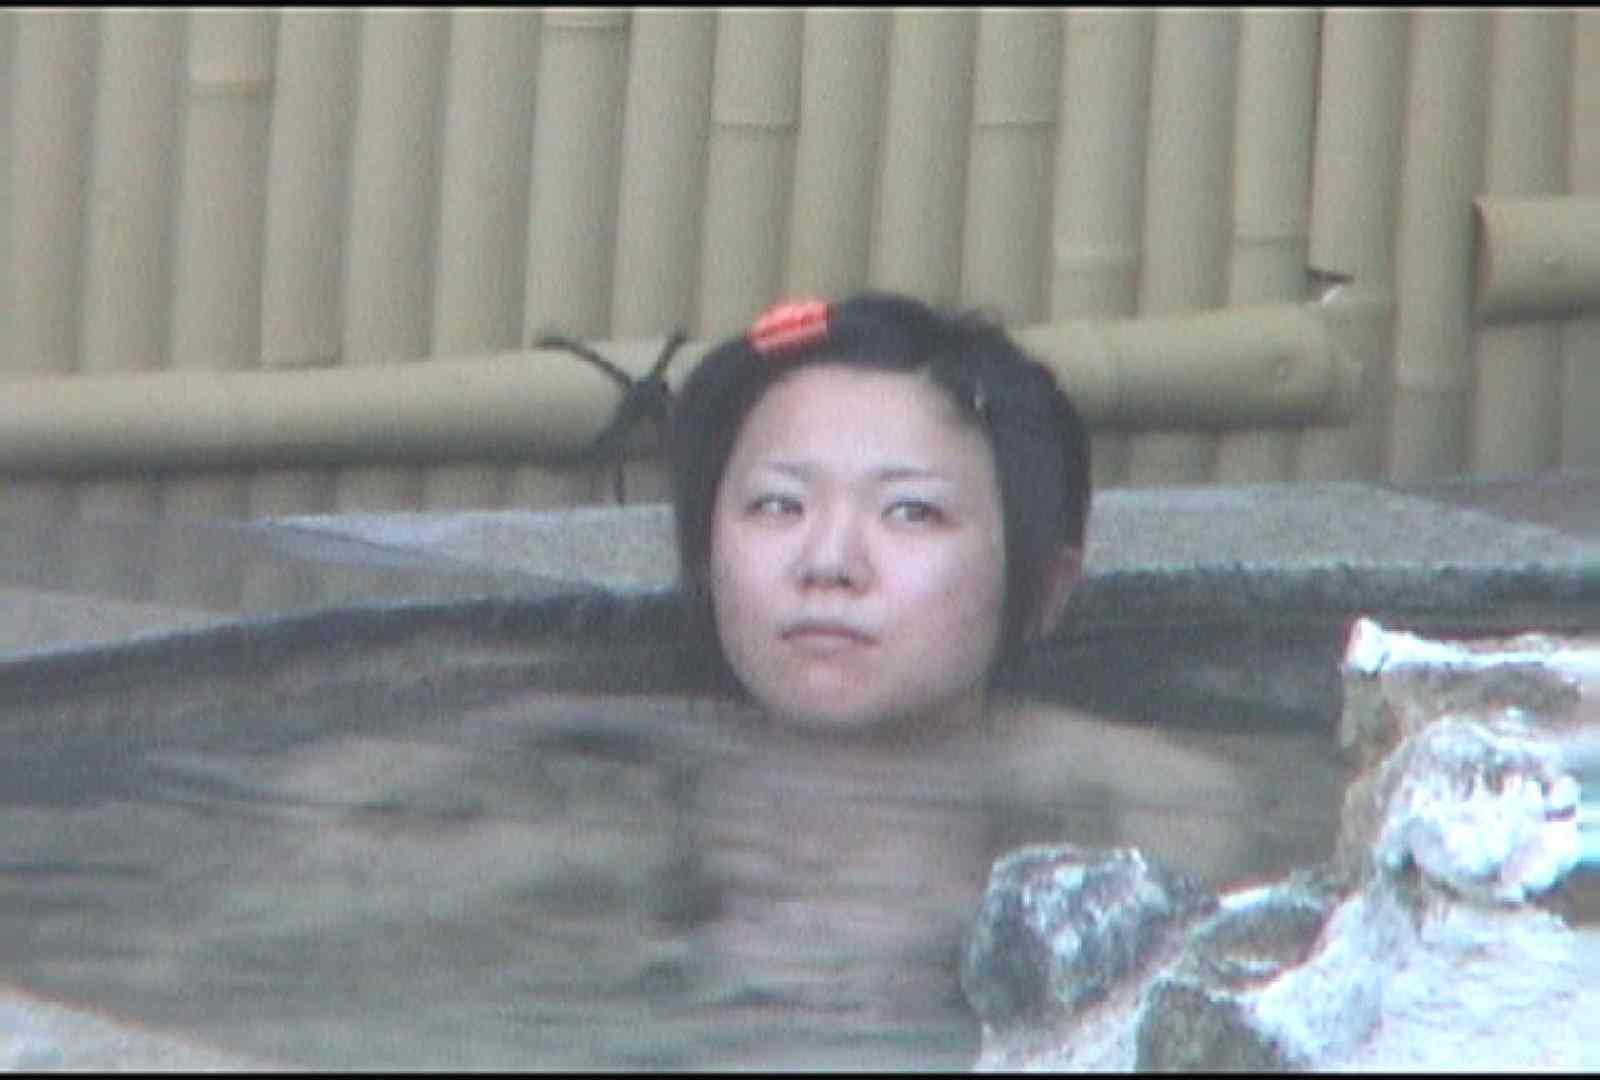 Aquaな露天風呂Vol.175 OLセックス 盗み撮りAV無料動画キャプチャ 77画像 71